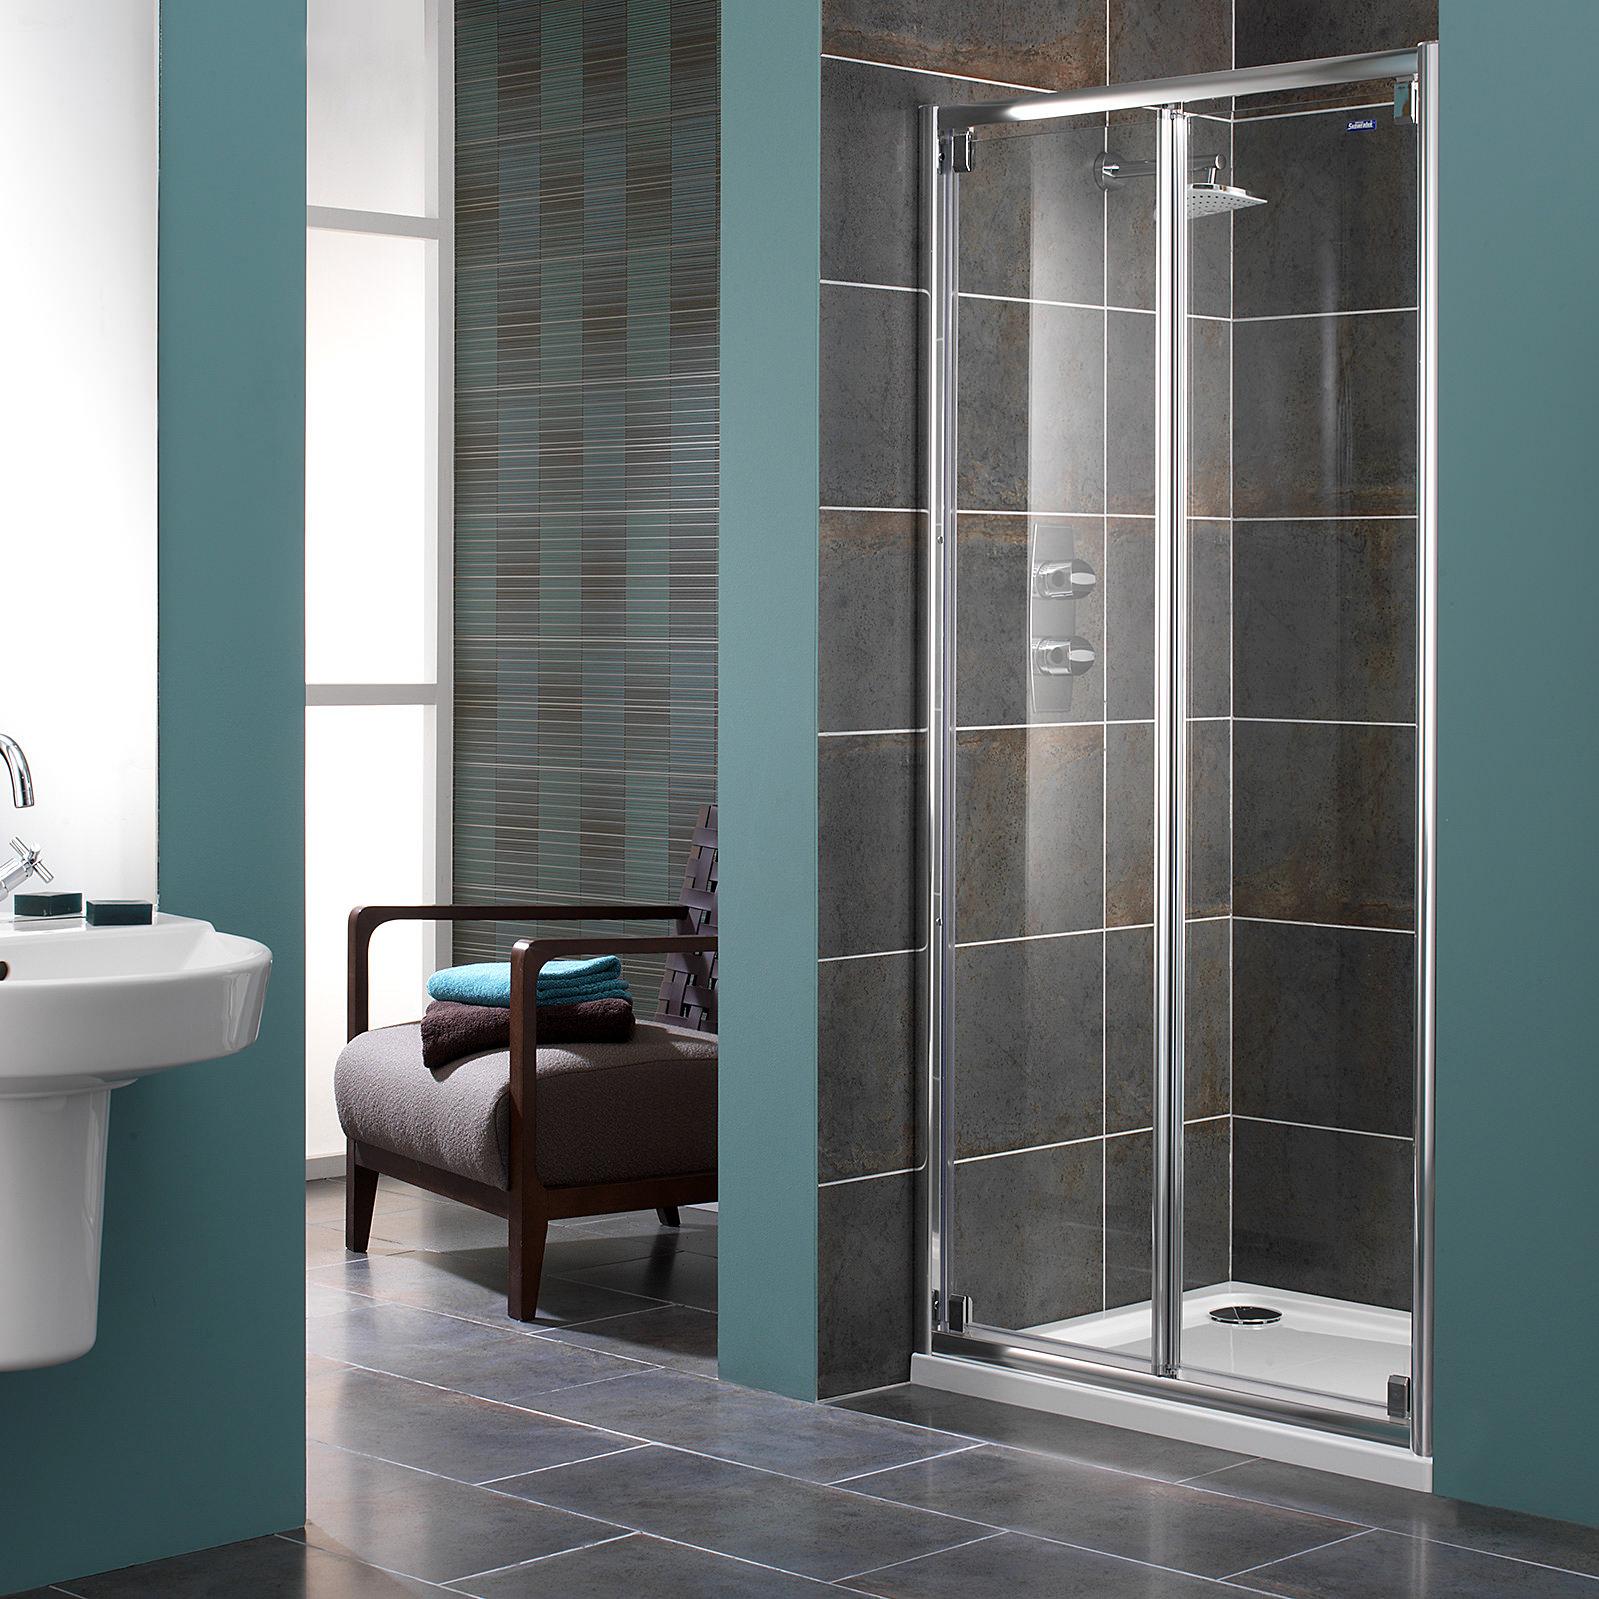 Showerlux Glide 8mm Clear Glass Bi-fold Shower Door 760mm & Glide 8mm Clear Glass Bi-fold Shower Door 760mm pezcame.com